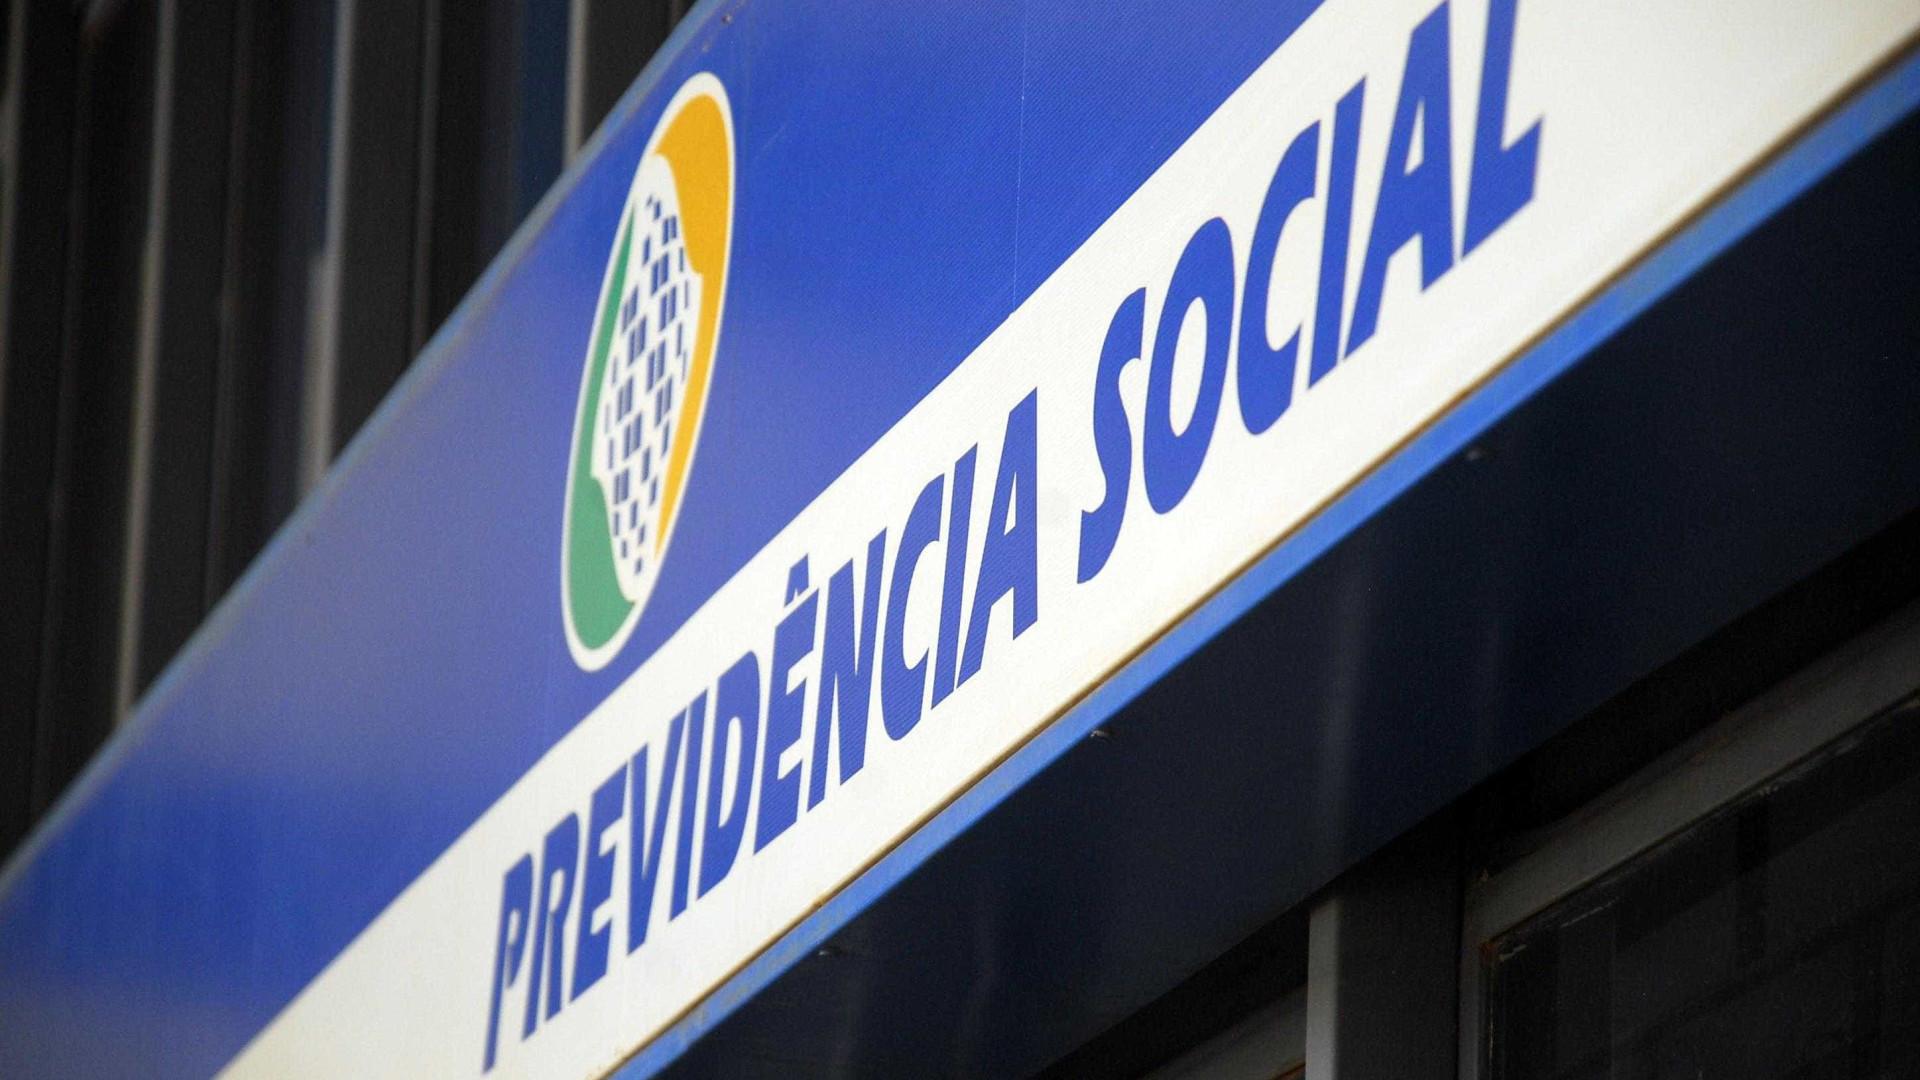 Operação da PF leva prende suspeitos de fraudar Previdência Social